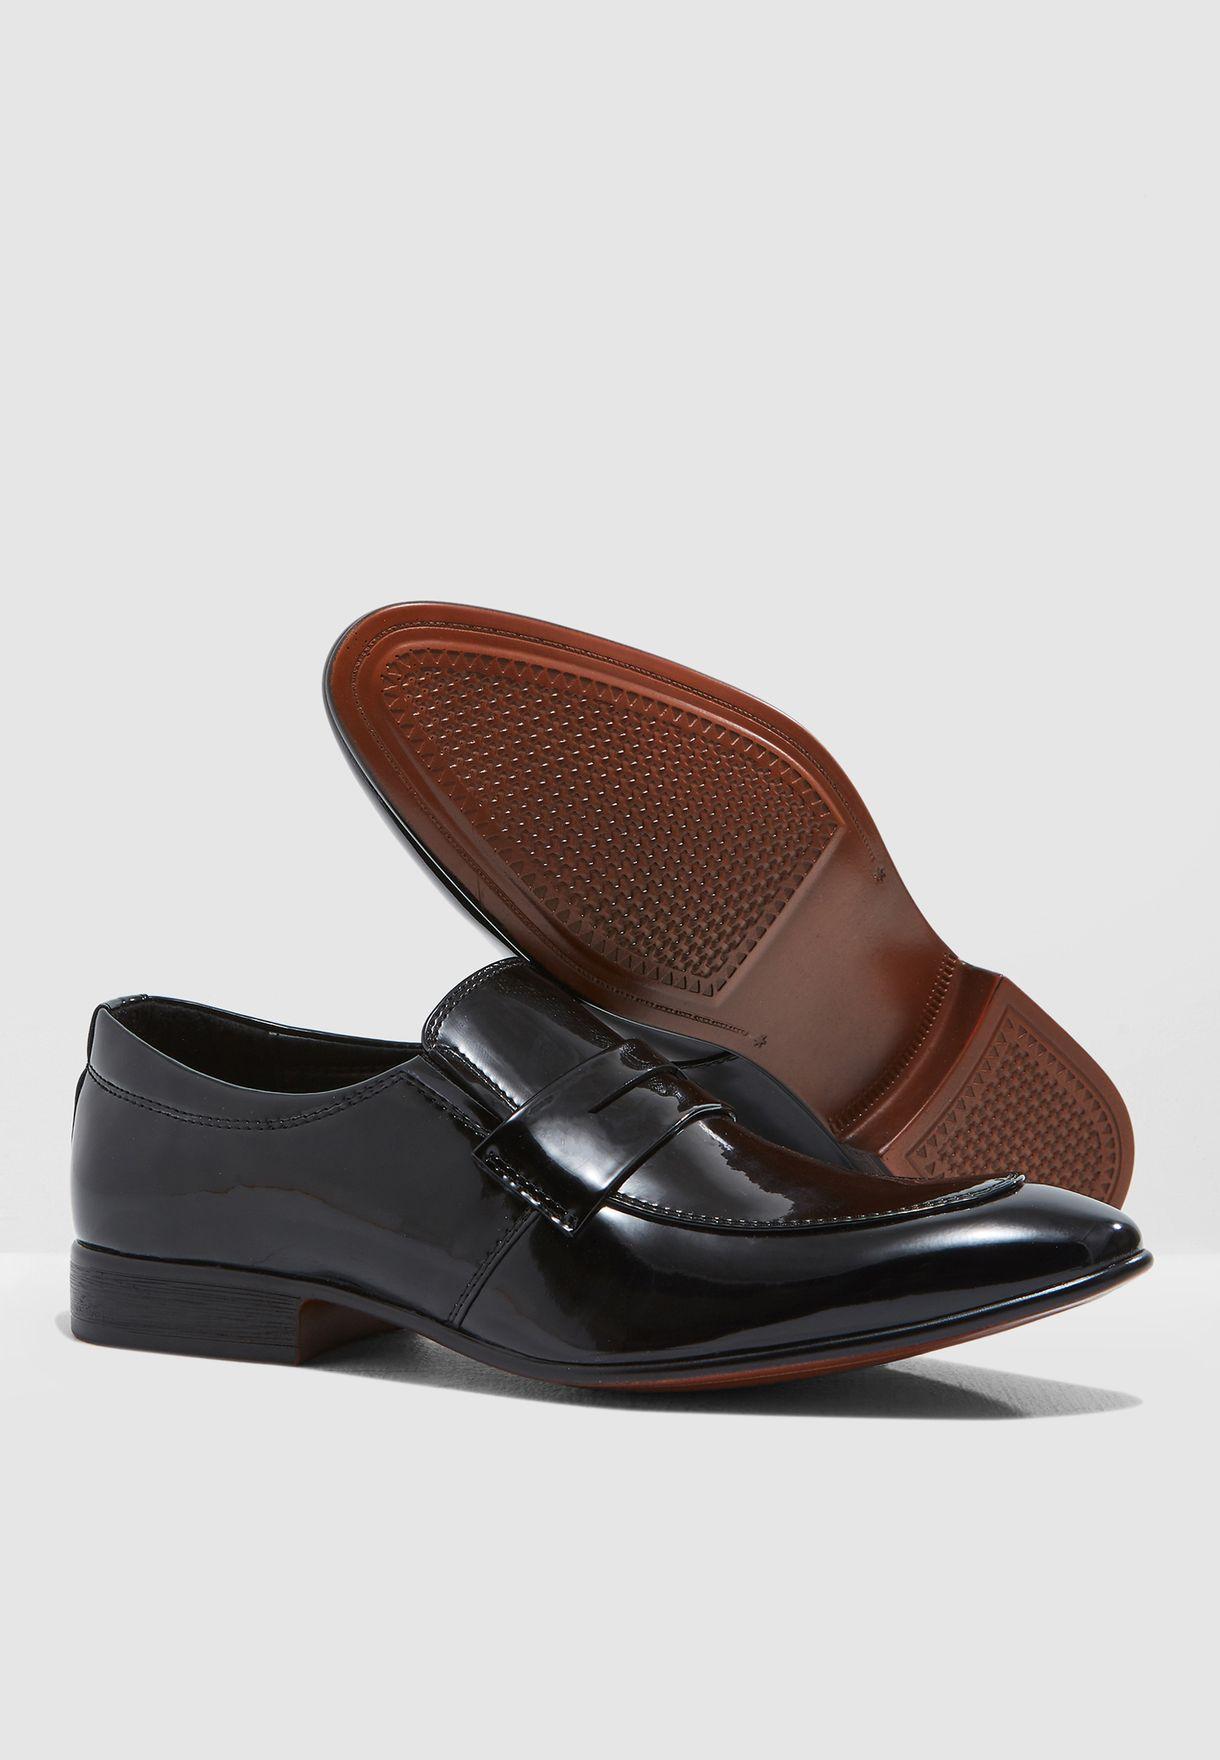 حذاء لوفر سهل الارتداء